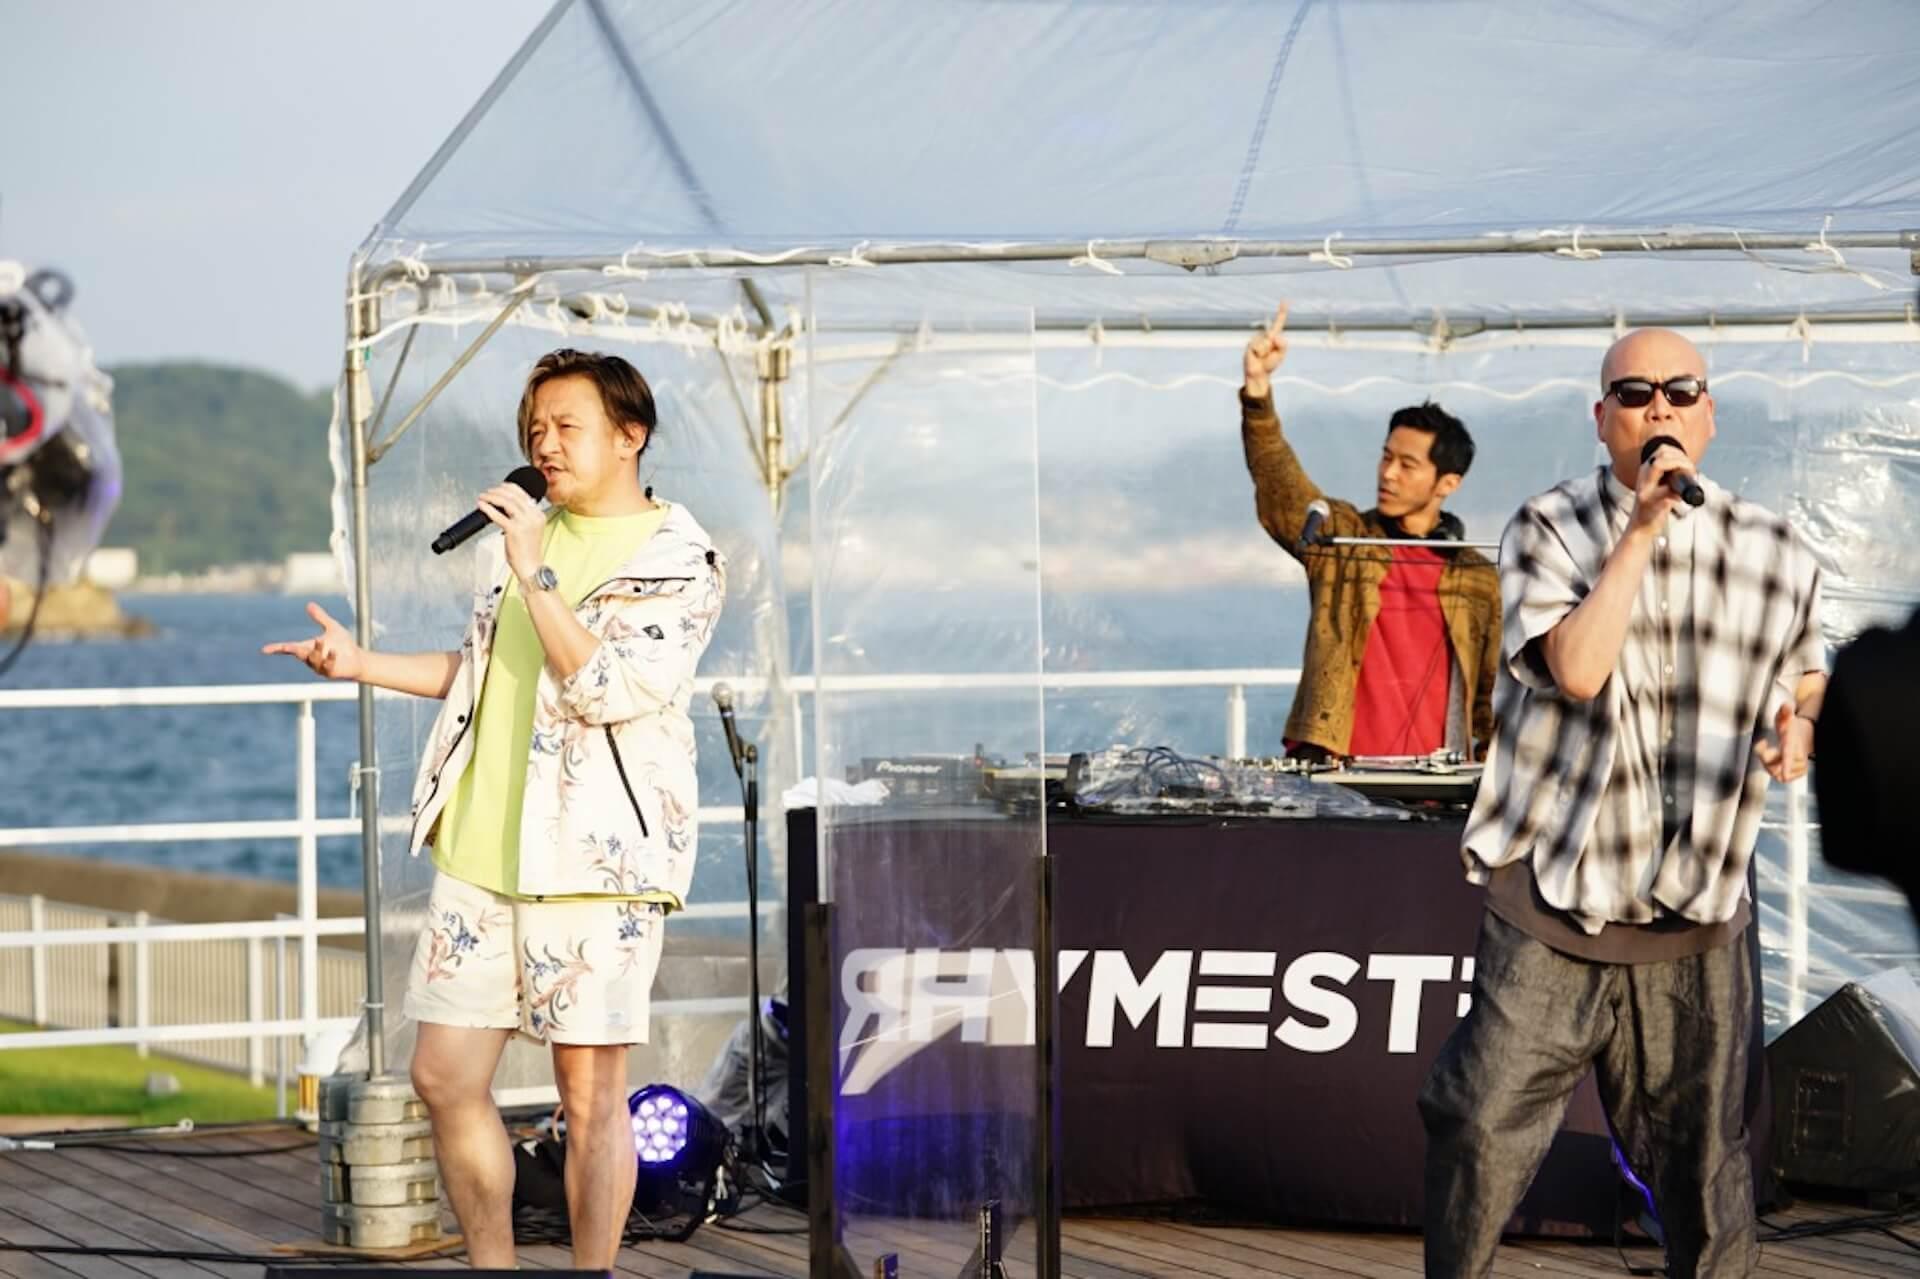 加山雄三『加山雄三の新世界』に参加したPUNPEE、スチャダラパー、ももクロらが出演!ストリーミングライブレポートが到着 music200706_kayamayuzo_9